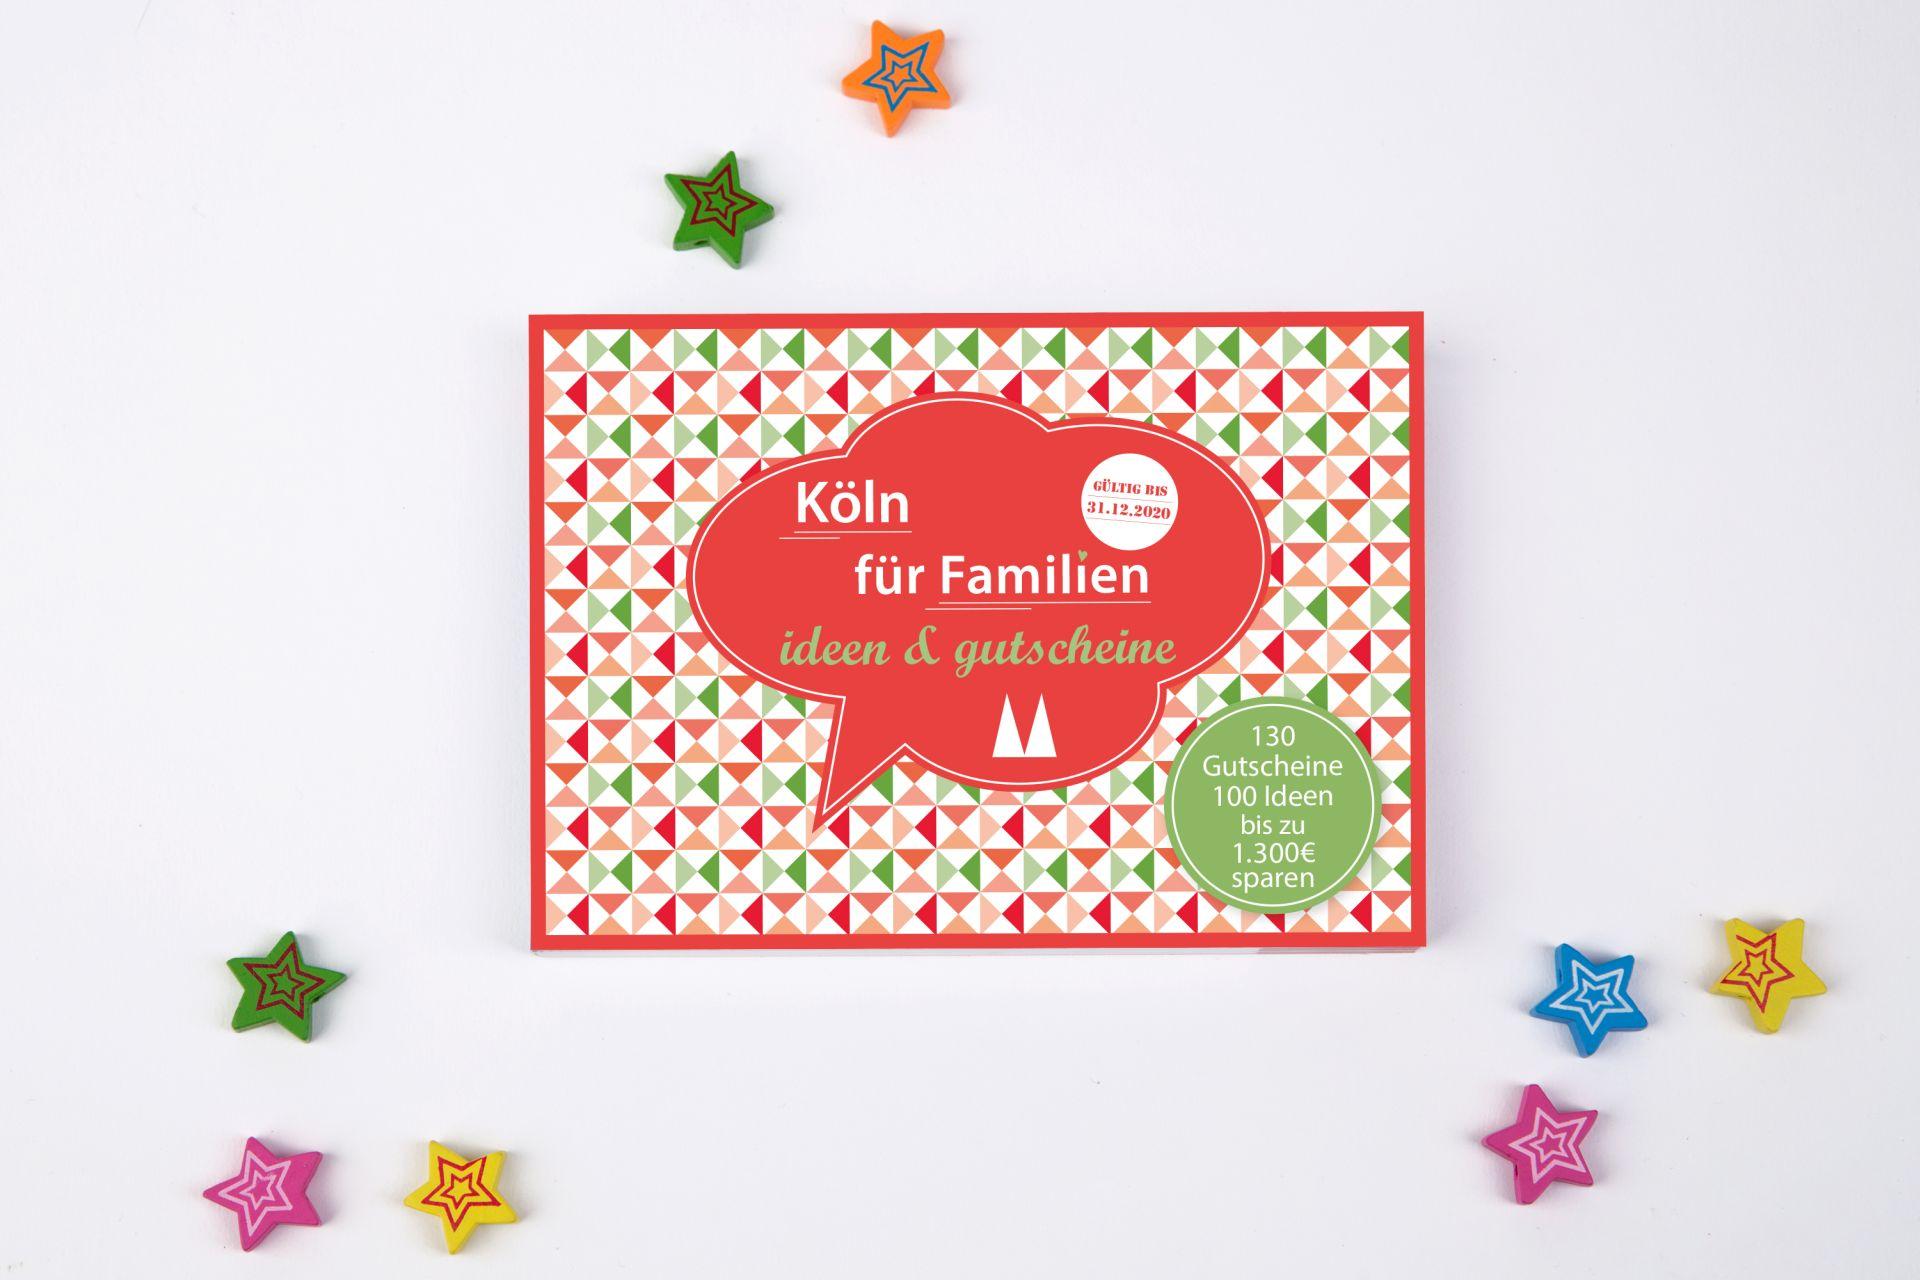 Gutscheinbuch Köln - Gutscheinbuch Köln und Umgebung 2019/2020